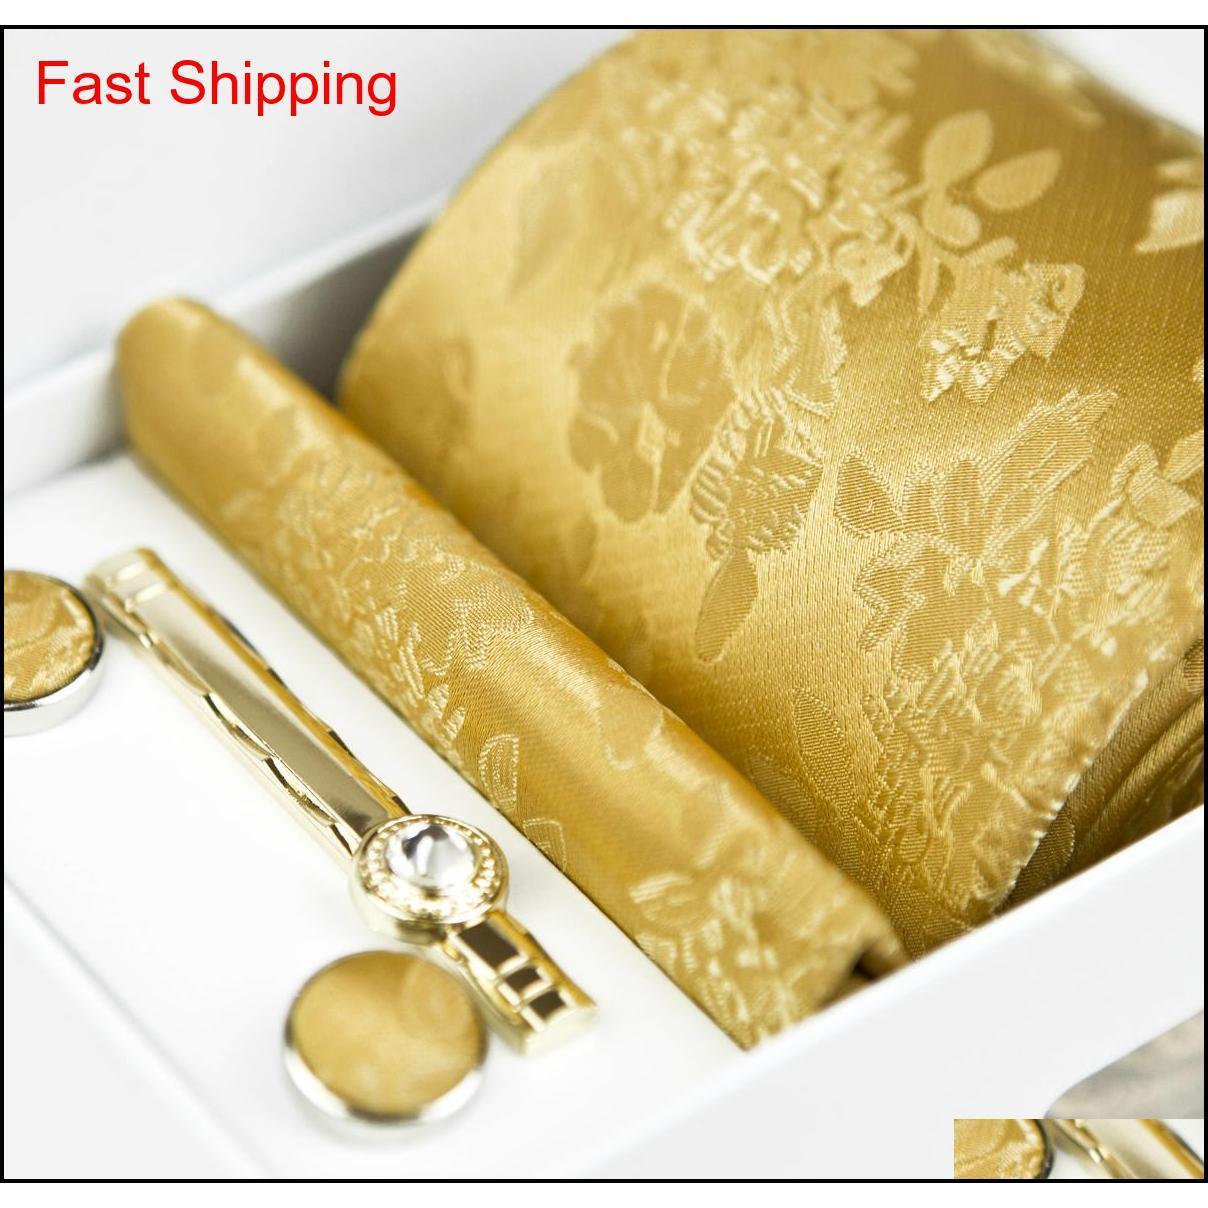 Bağları Dört Parça Setleri Çiçek Paisley Katı Altın Sarı Şampanya Erkek Kravatlar Cep Kare Kravat Klip Kol Düğmeleri Qyltvq HOMES2007